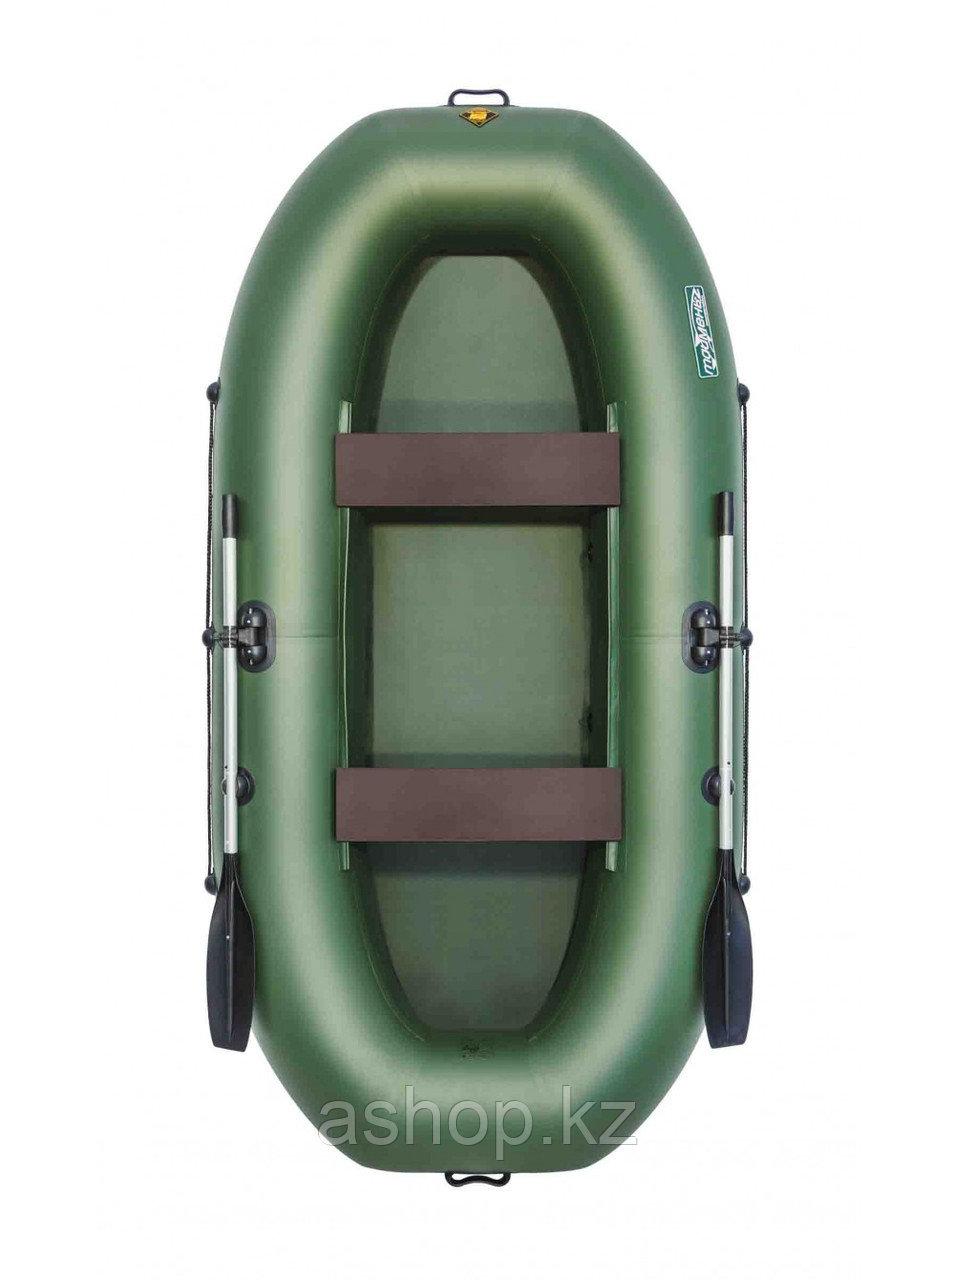 Лодка гребная надувная плоскодонная Таймень V 290, Грузоподъемность: 220кг, Вместимость: 2 чел., Кол-во отсеко